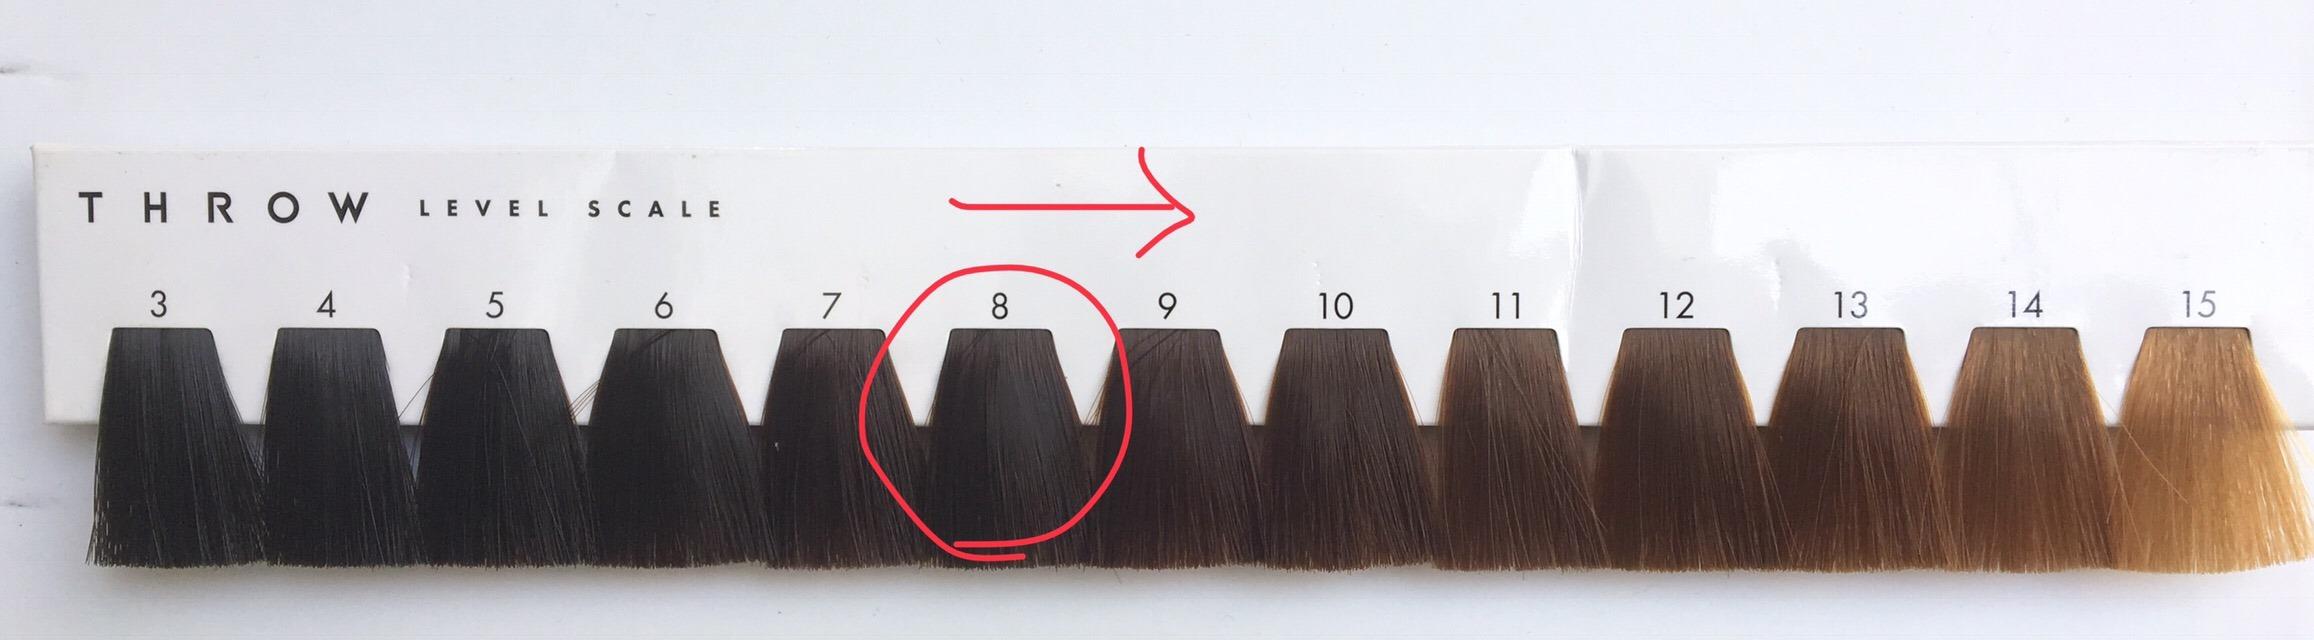 Специальная шкала цветов по которой у школьников выявляют запрещенный цвет волос.